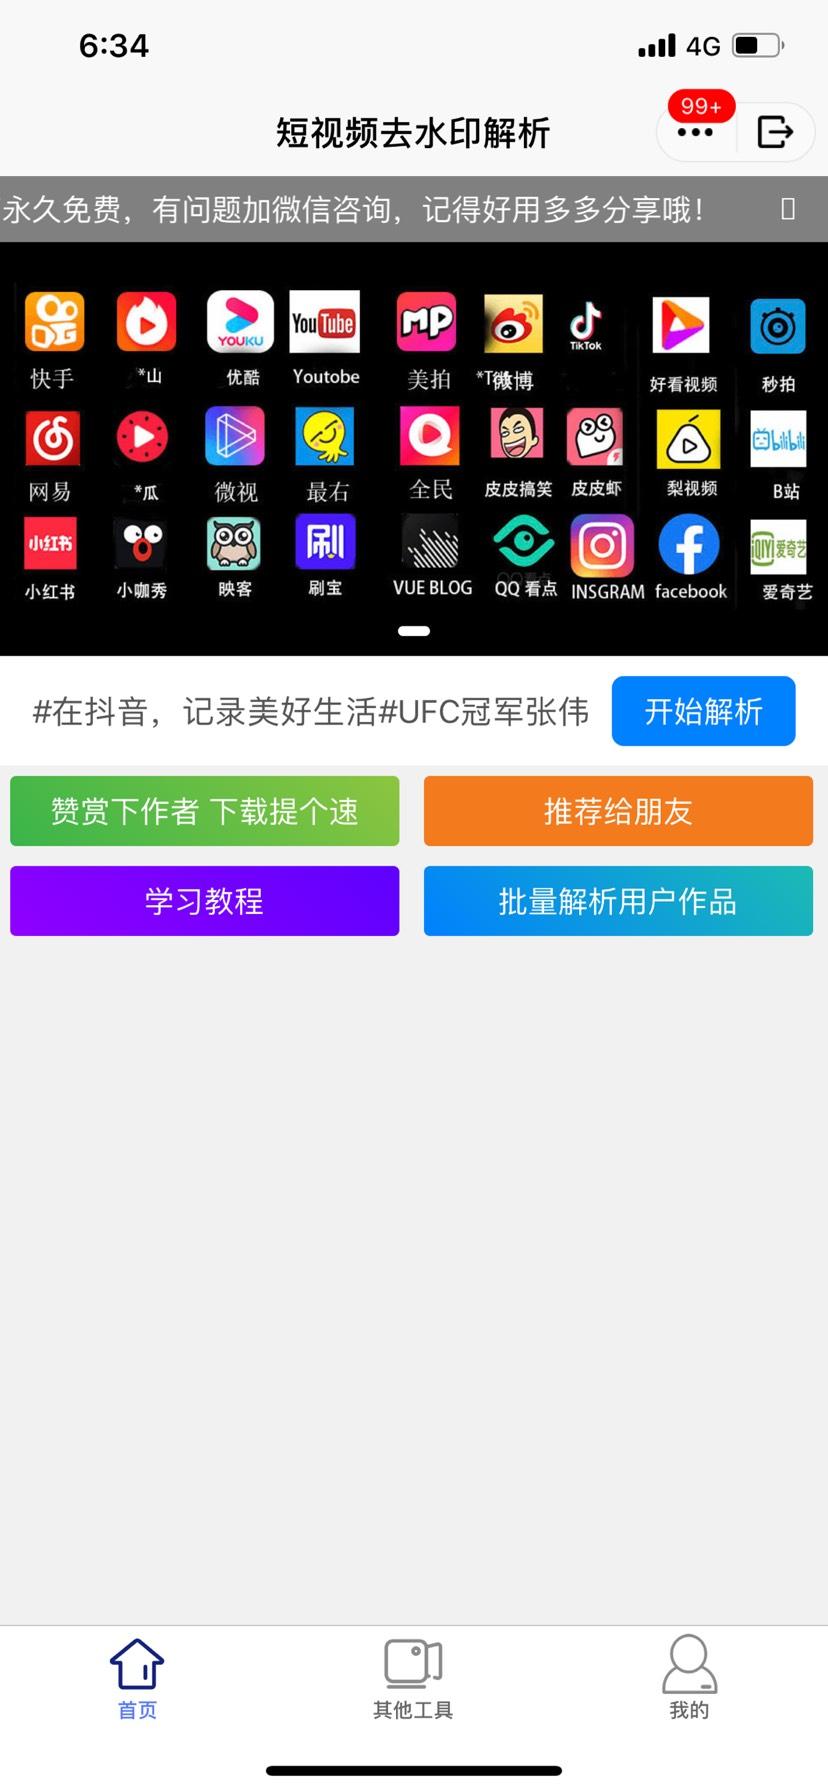 【QQ小程序】短视频去水印解析,支持批量解析,支持腾讯爱奇艺解析